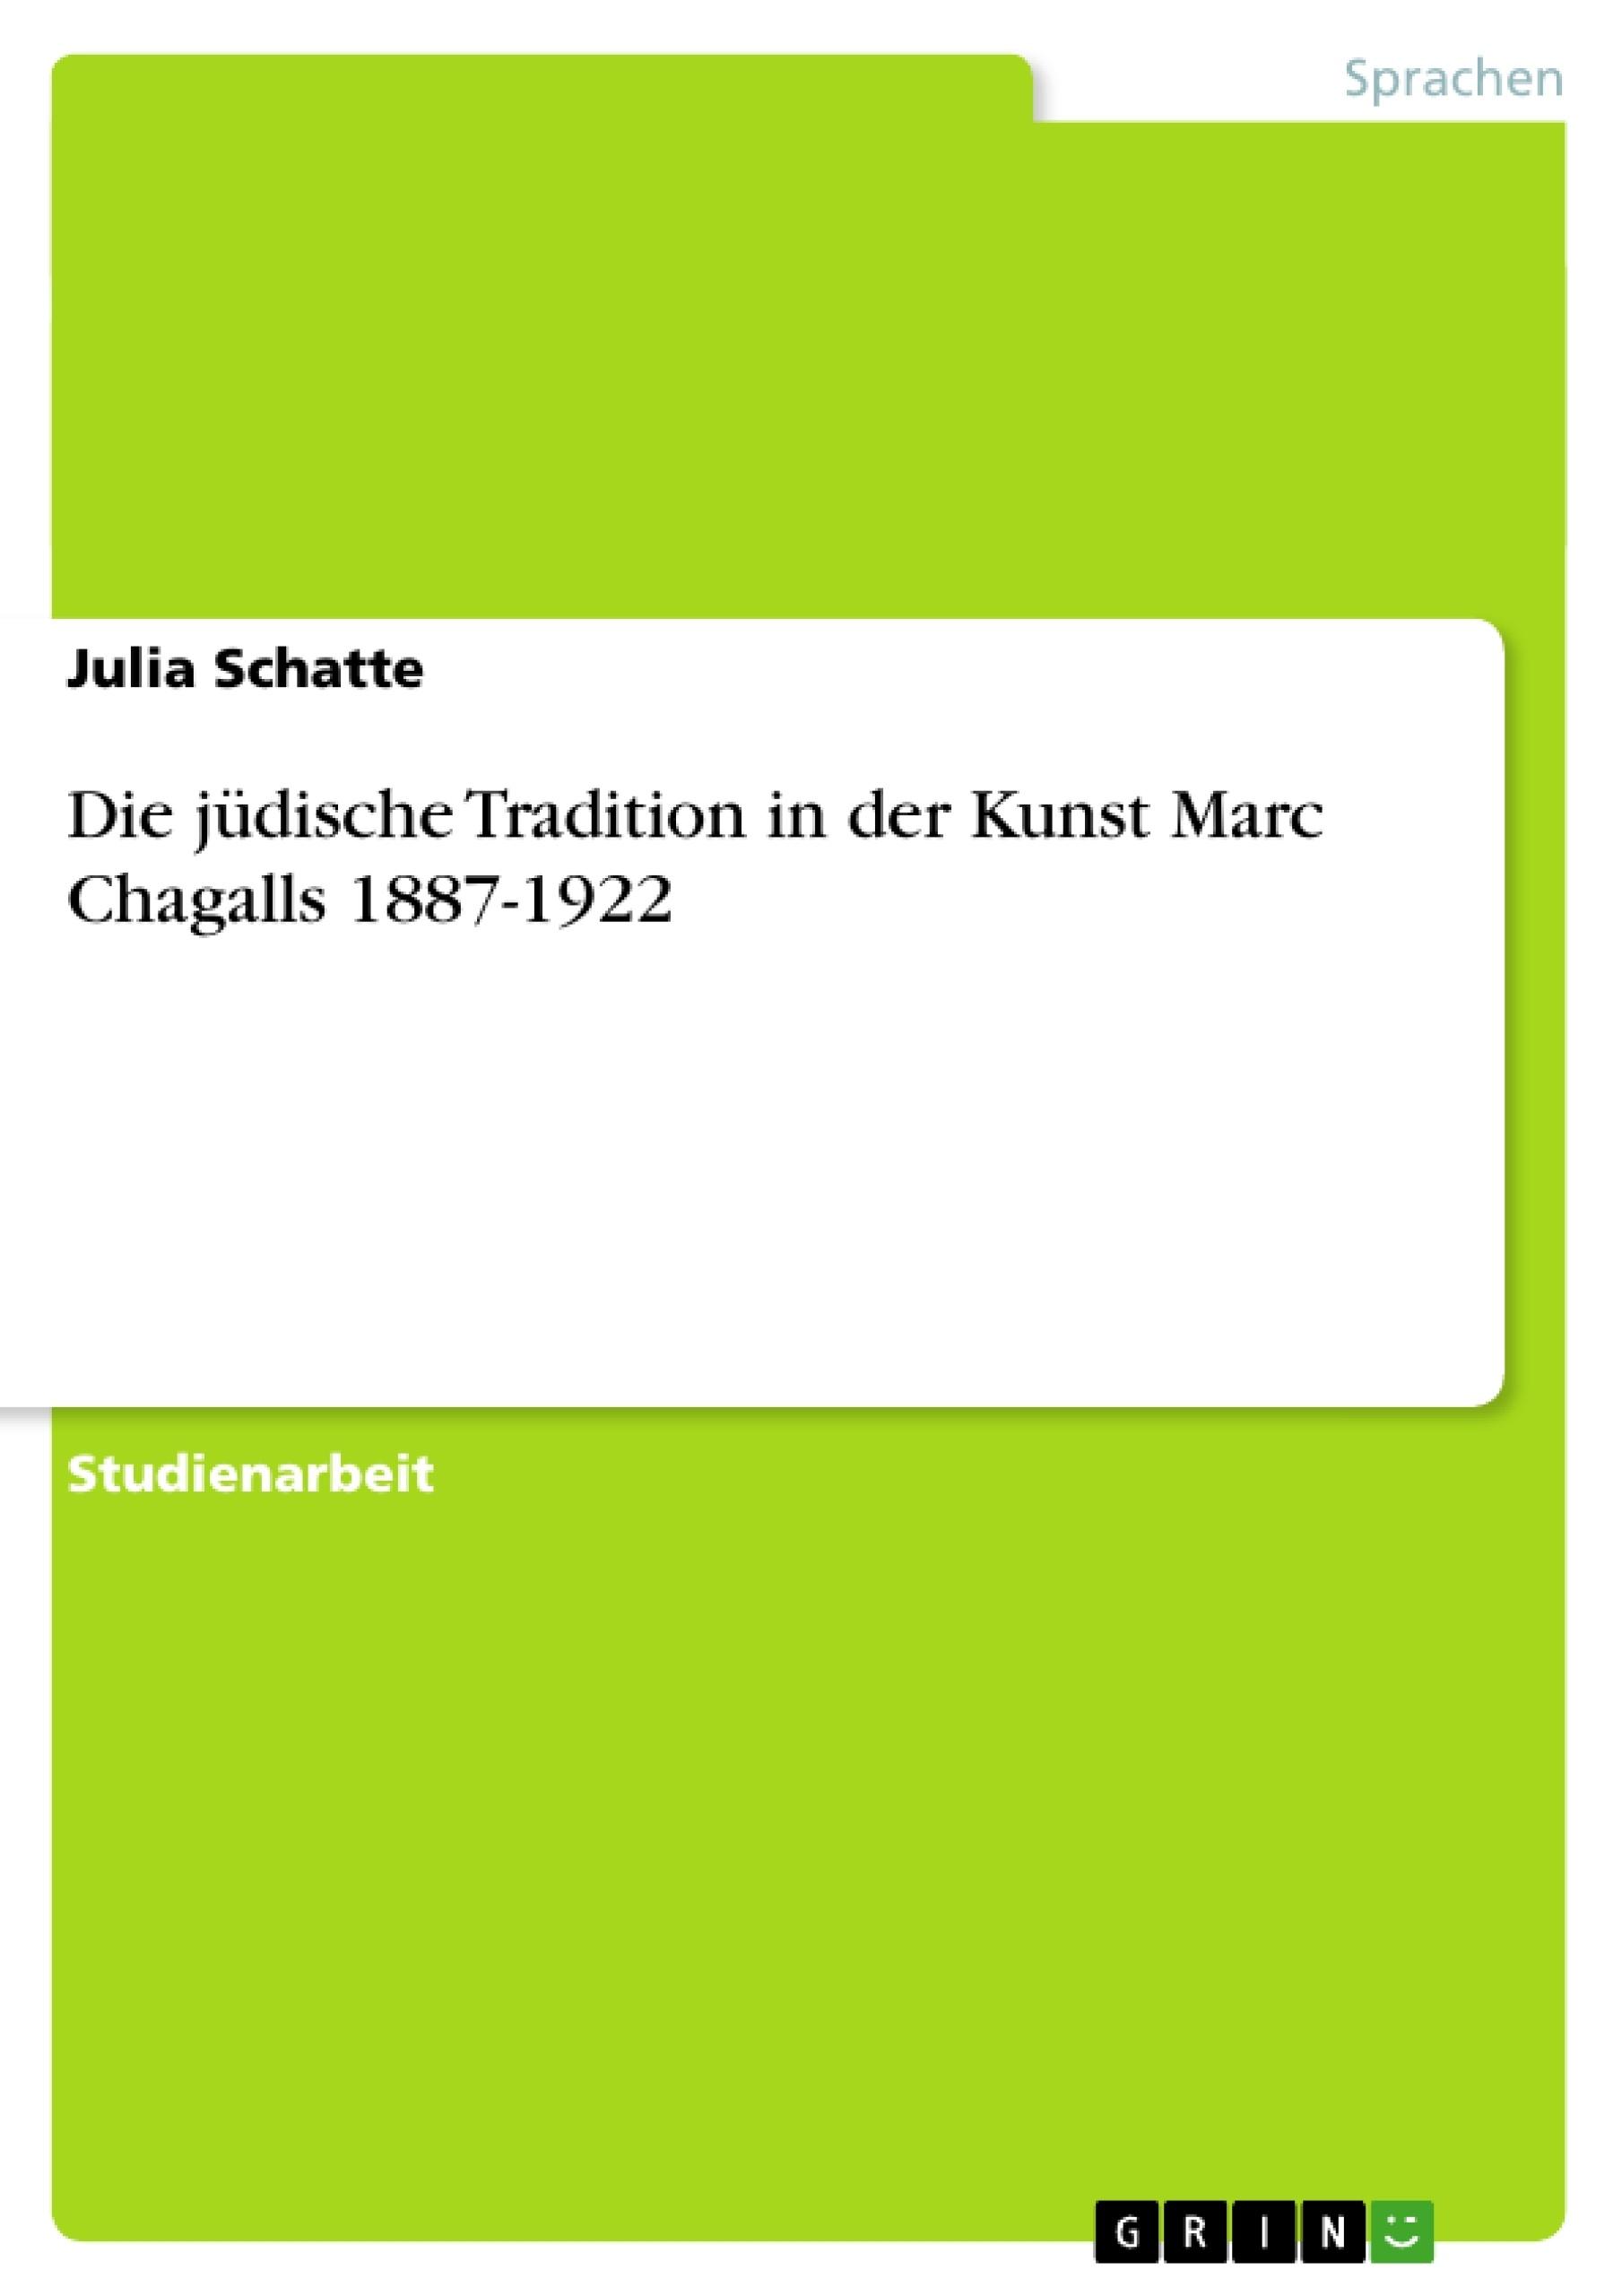 Titel: Die jüdische Tradition in der Kunst Marc Chagalls 1887-1922